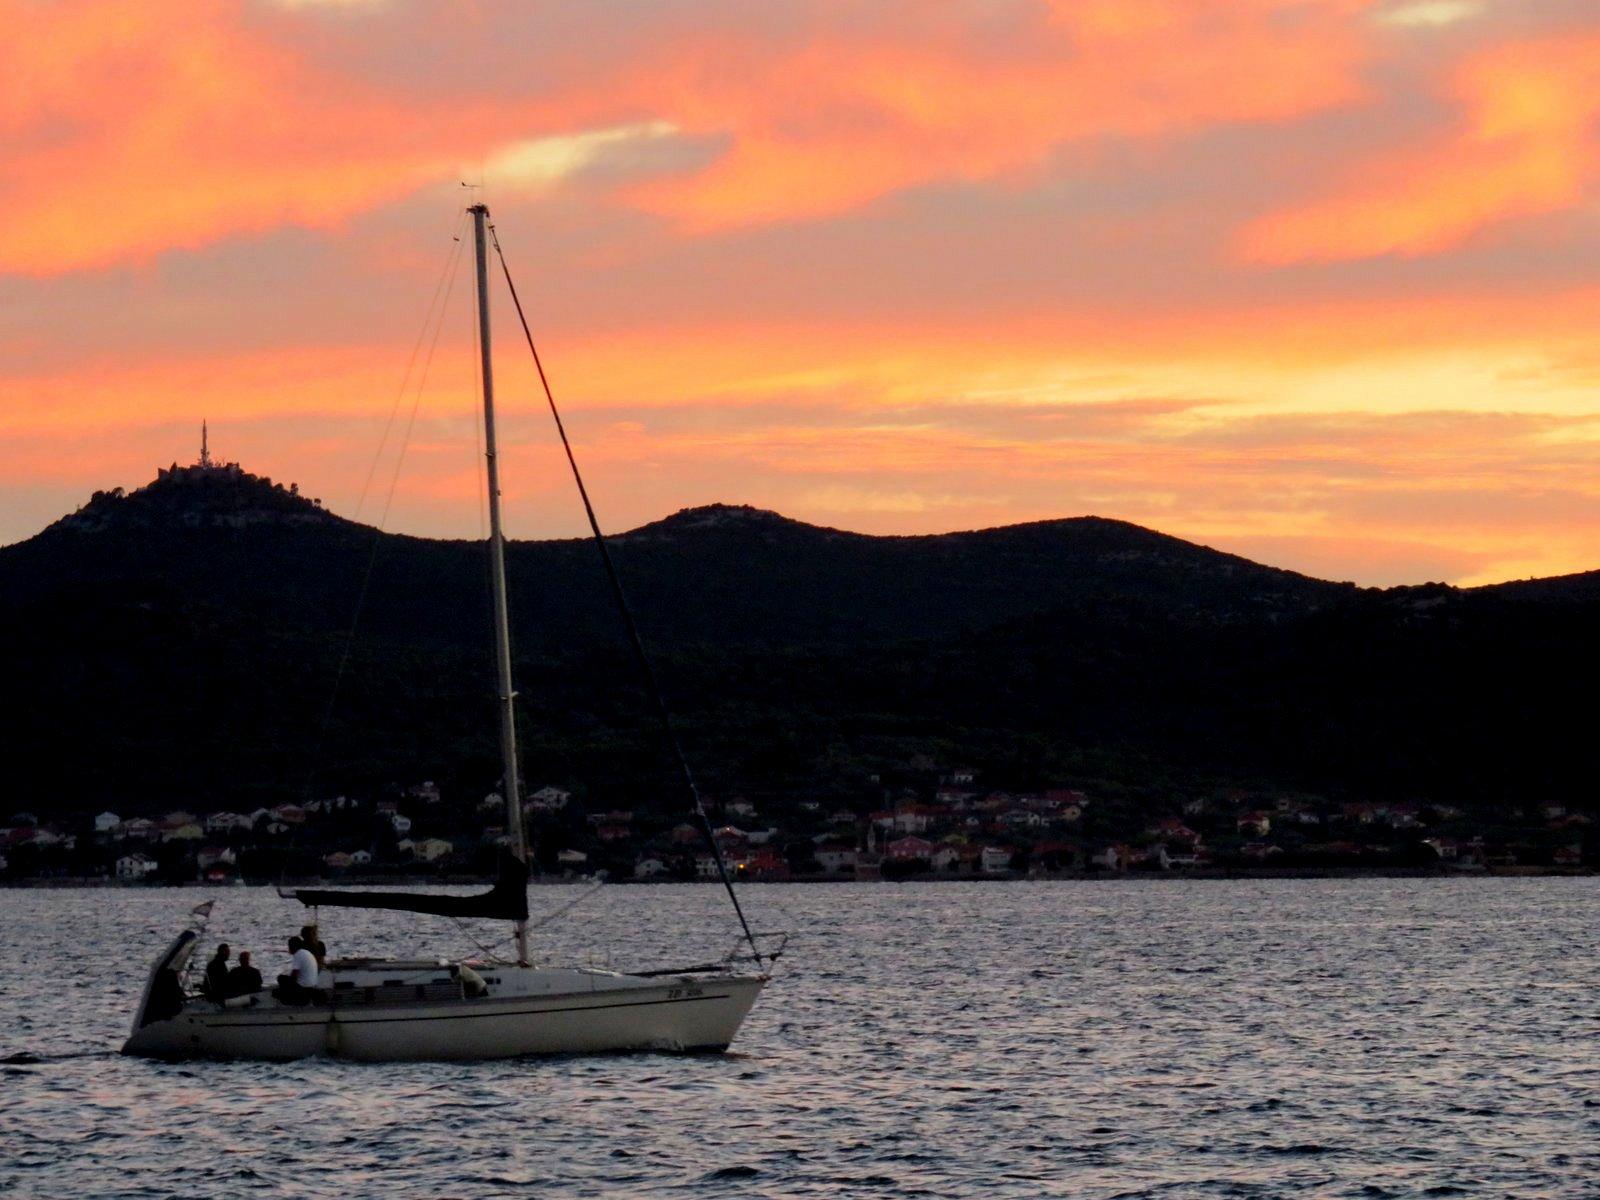 voyage-vacances-croatie-2016-zadar-140